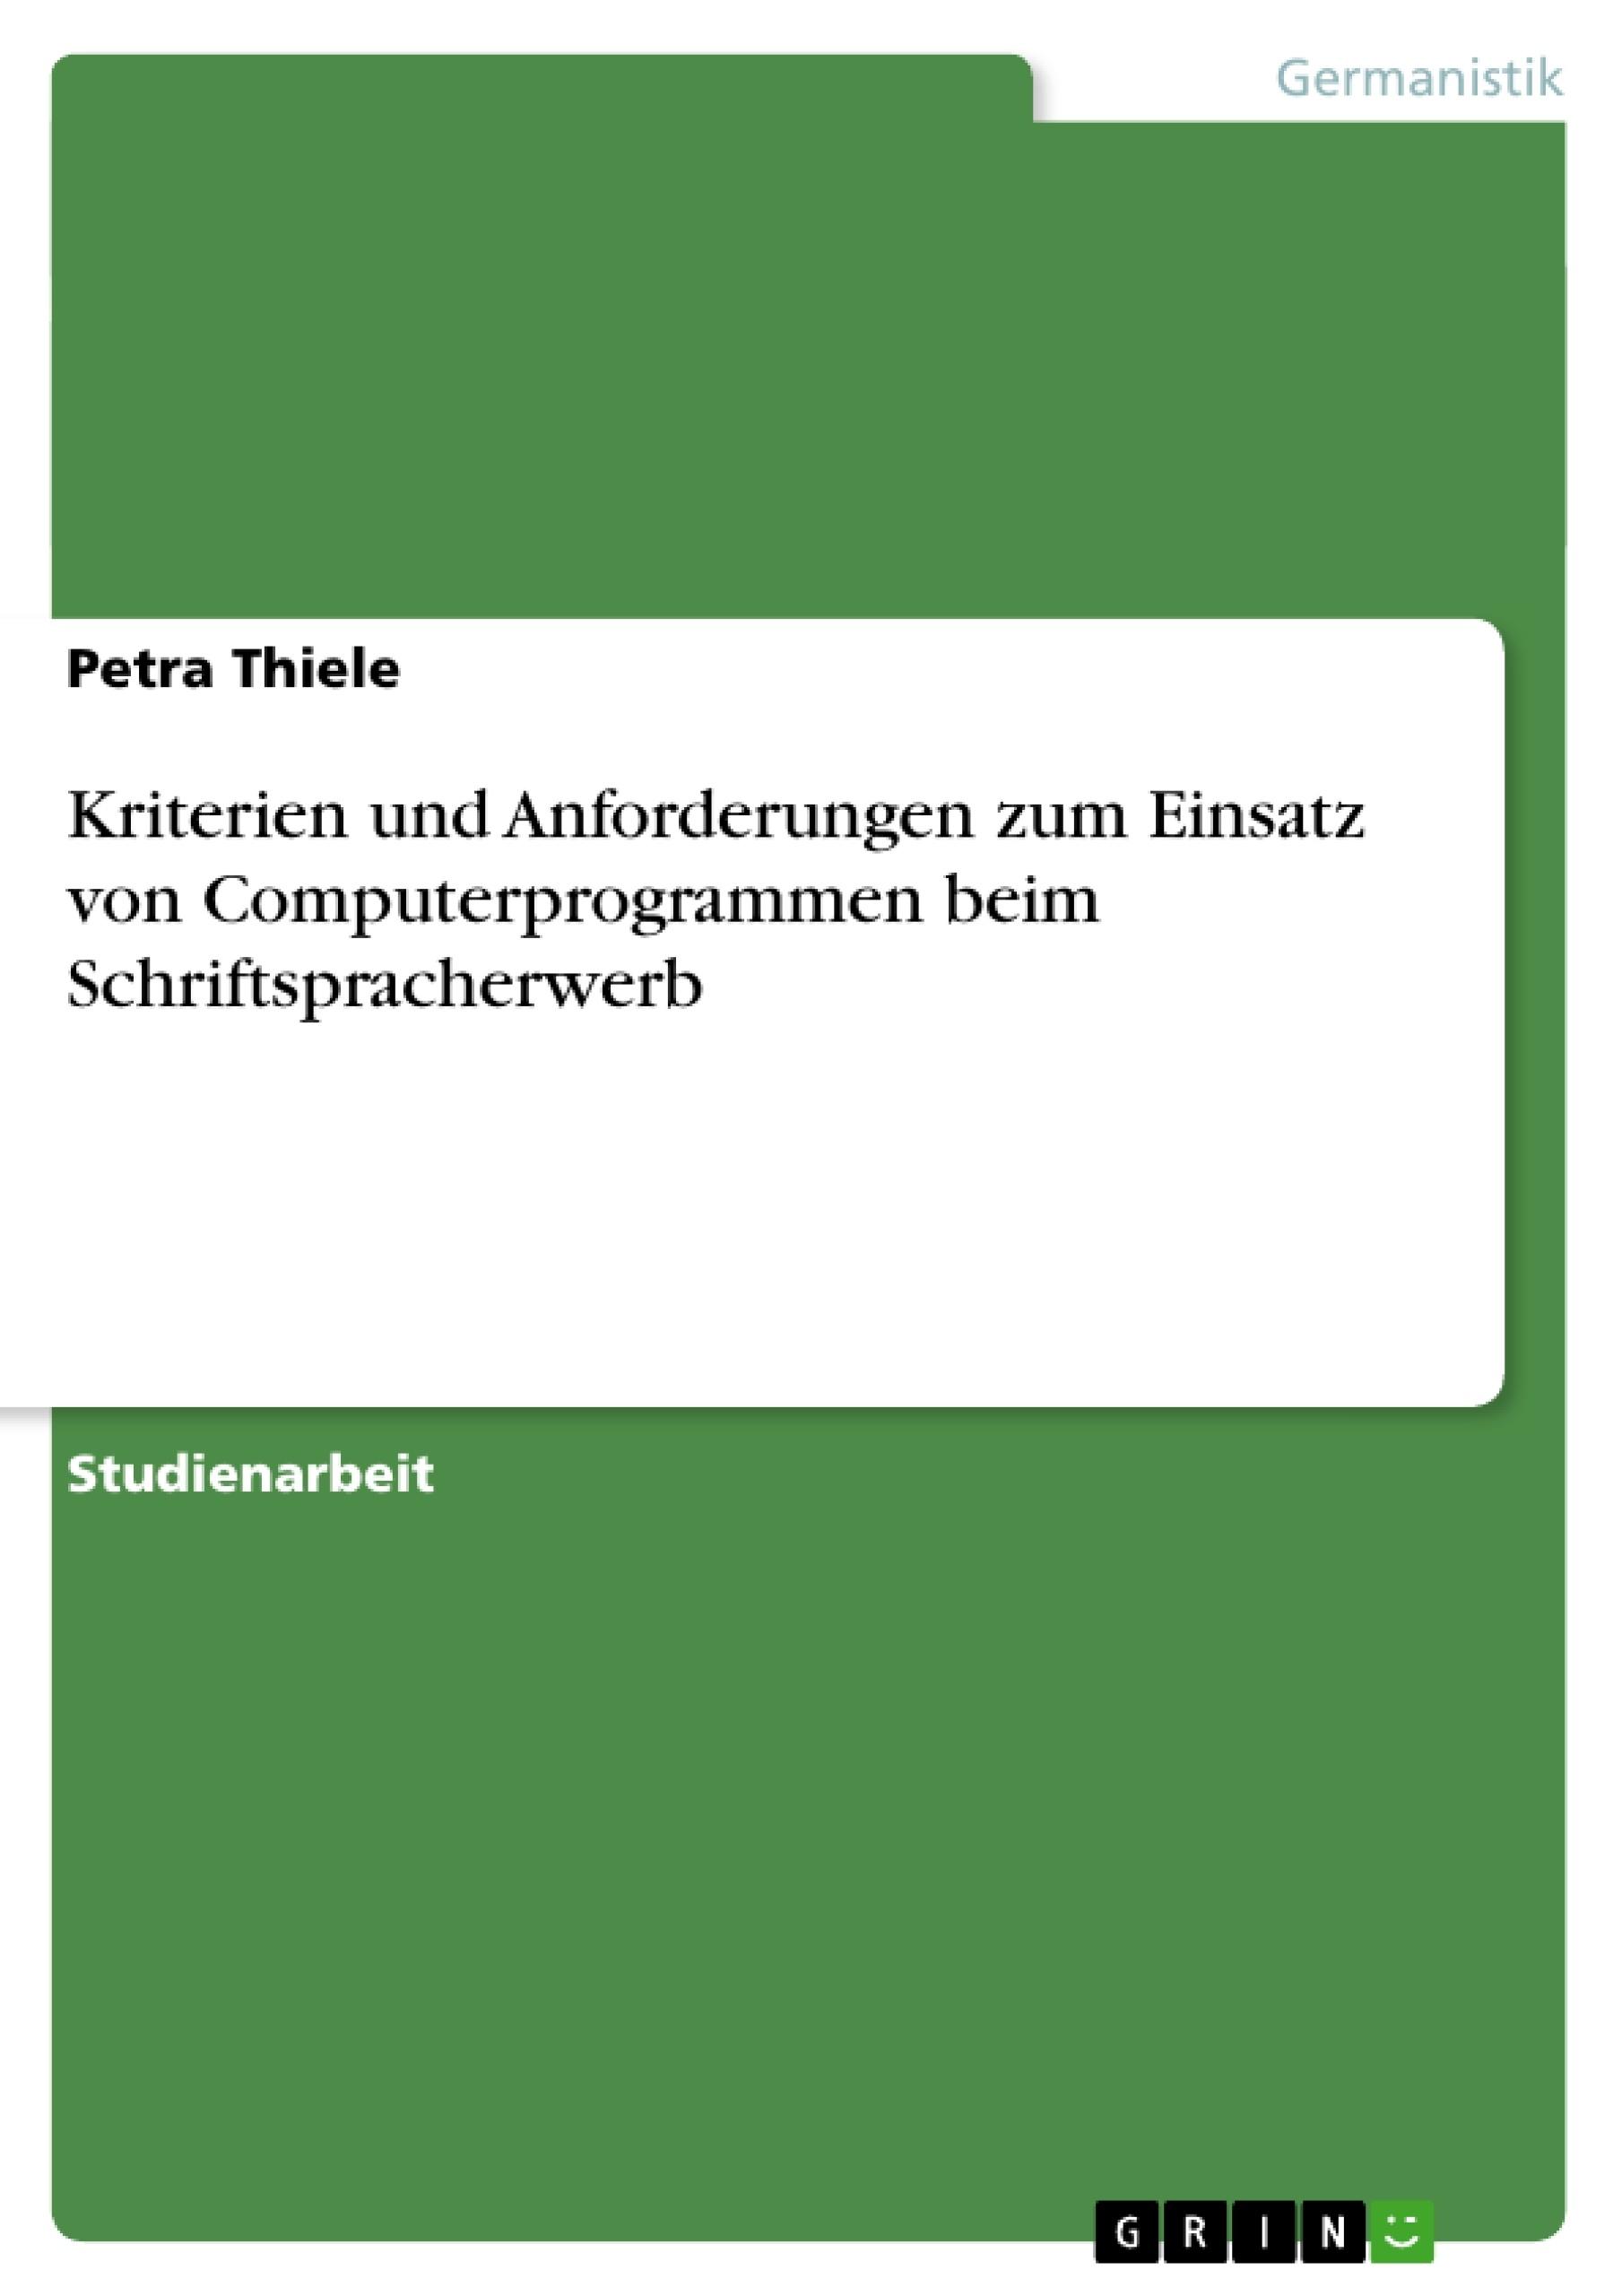 Titel: Kriterien und Anforderungen zum Einsatz von Computerprogrammen beim Schriftspracherwerb